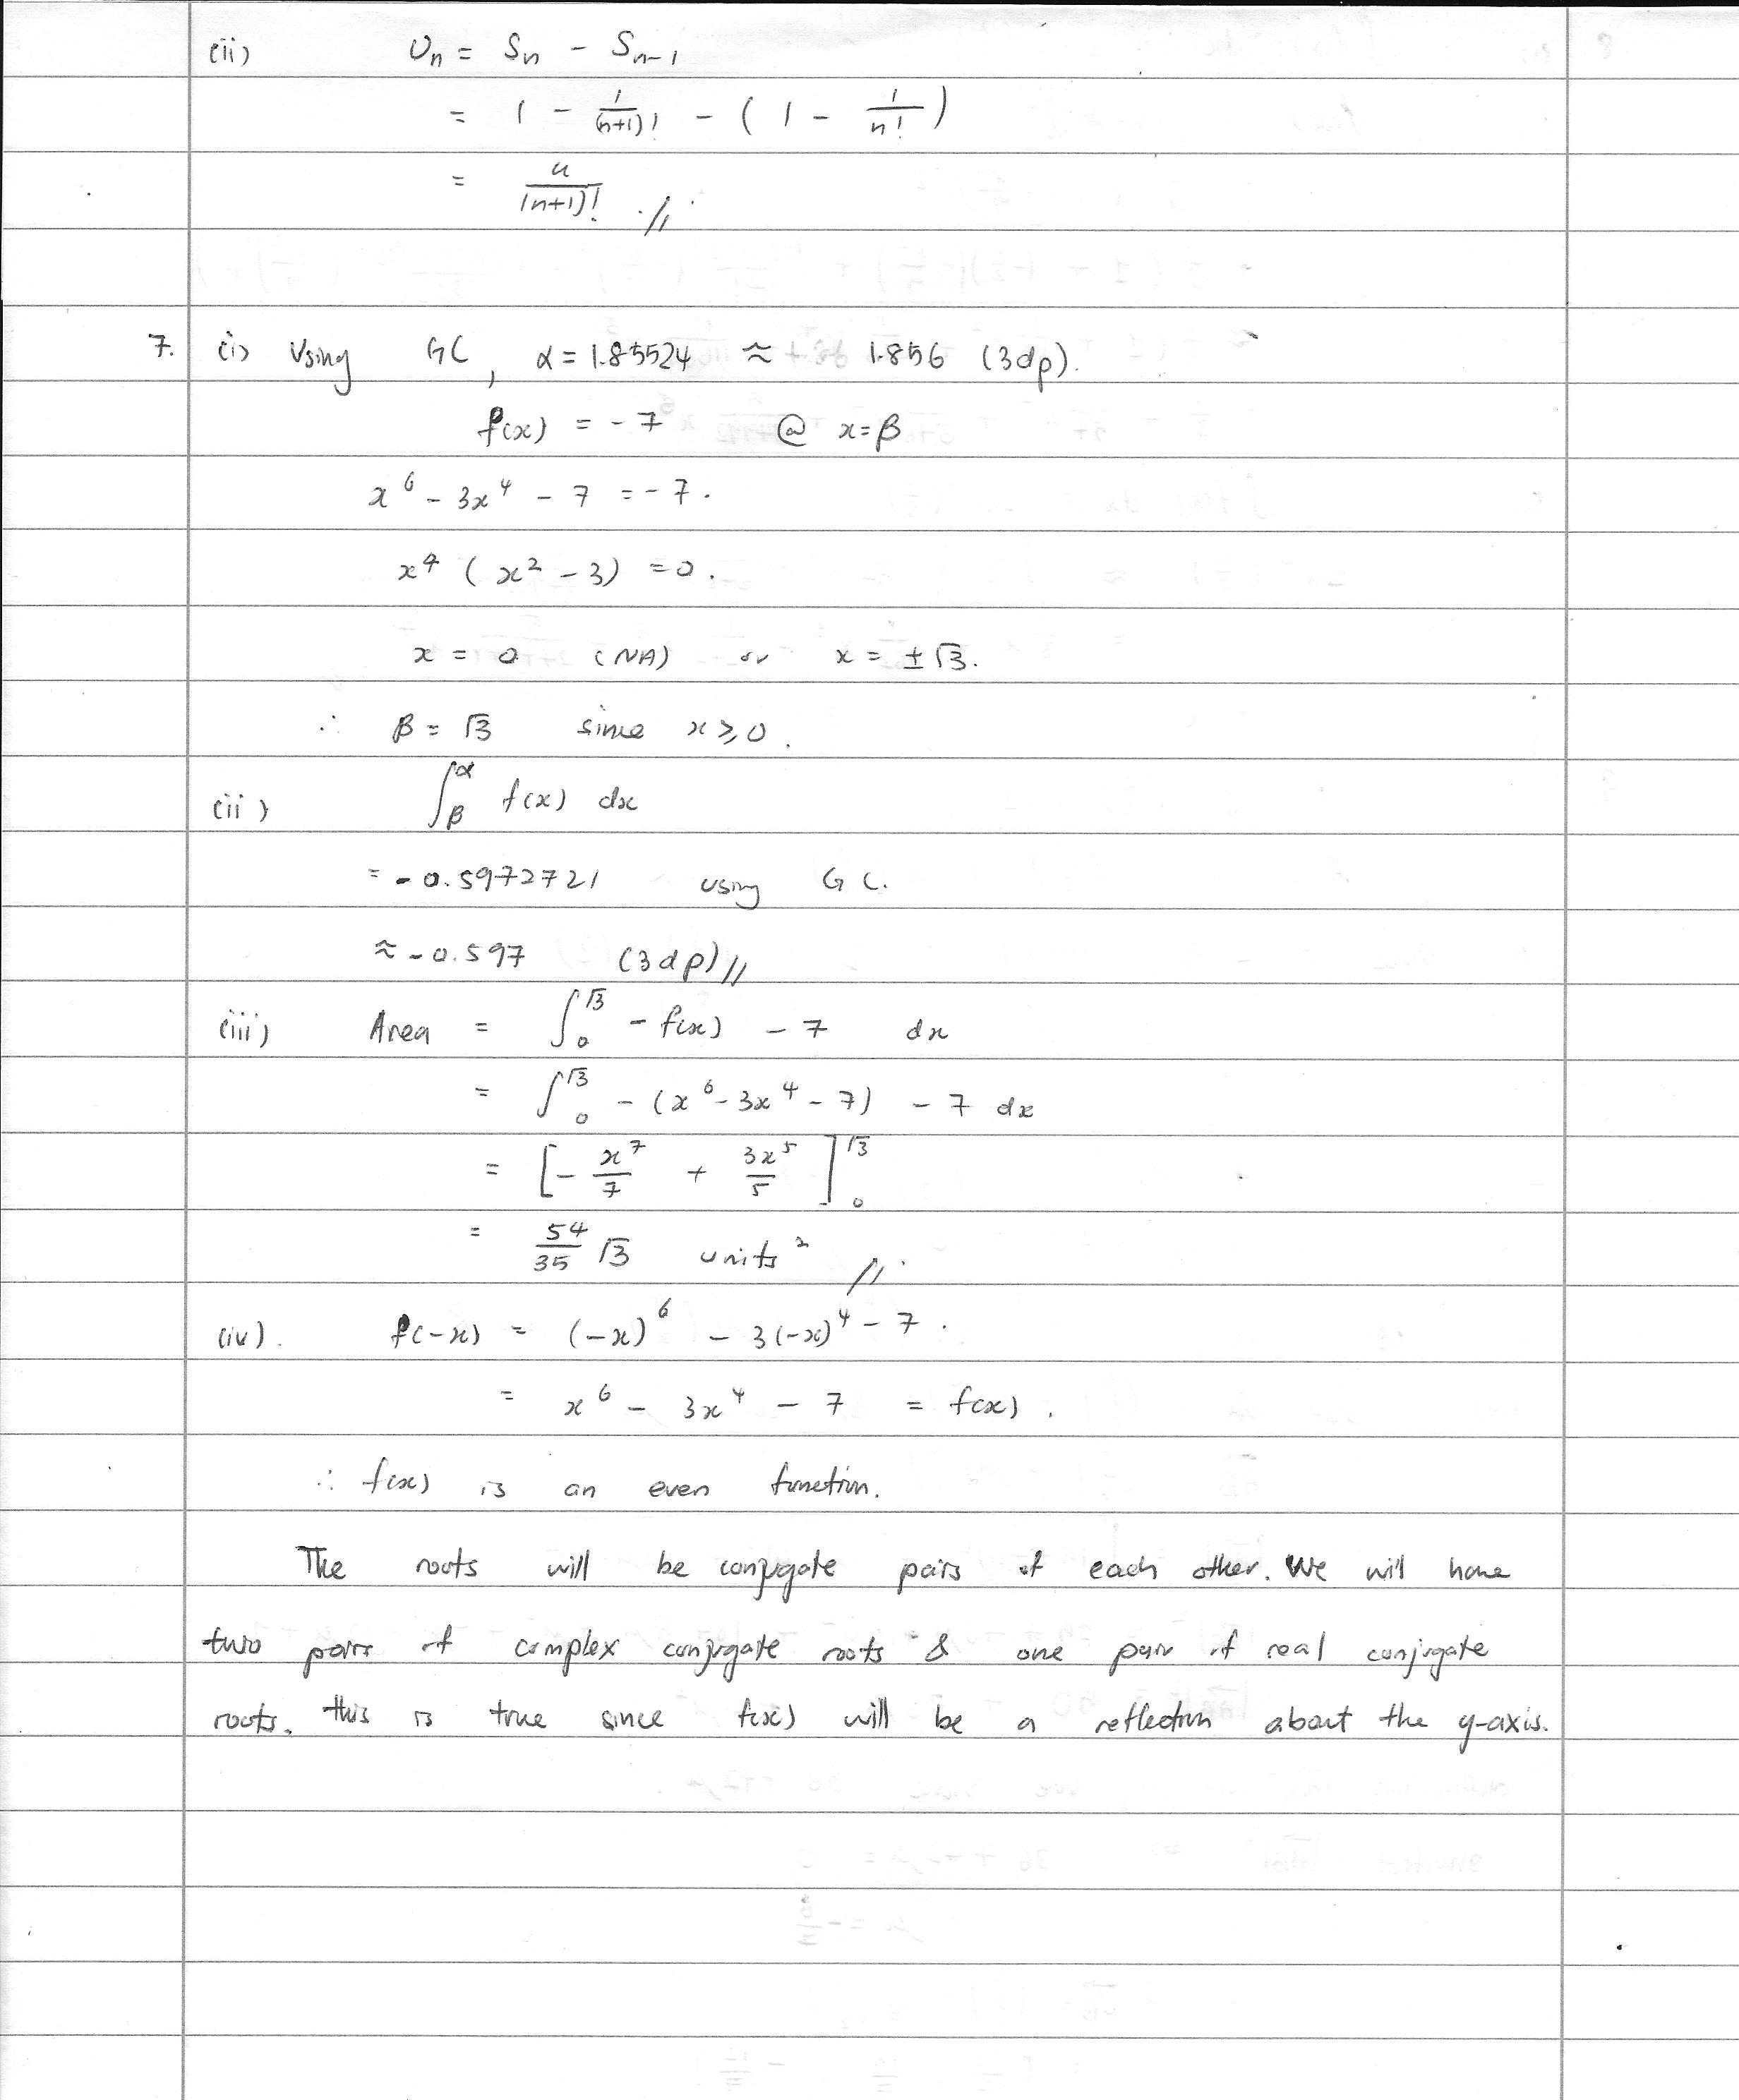 Books Never Written Math Worksheet Answers Dd 47 – Books Never Written Math Worksheet Answers